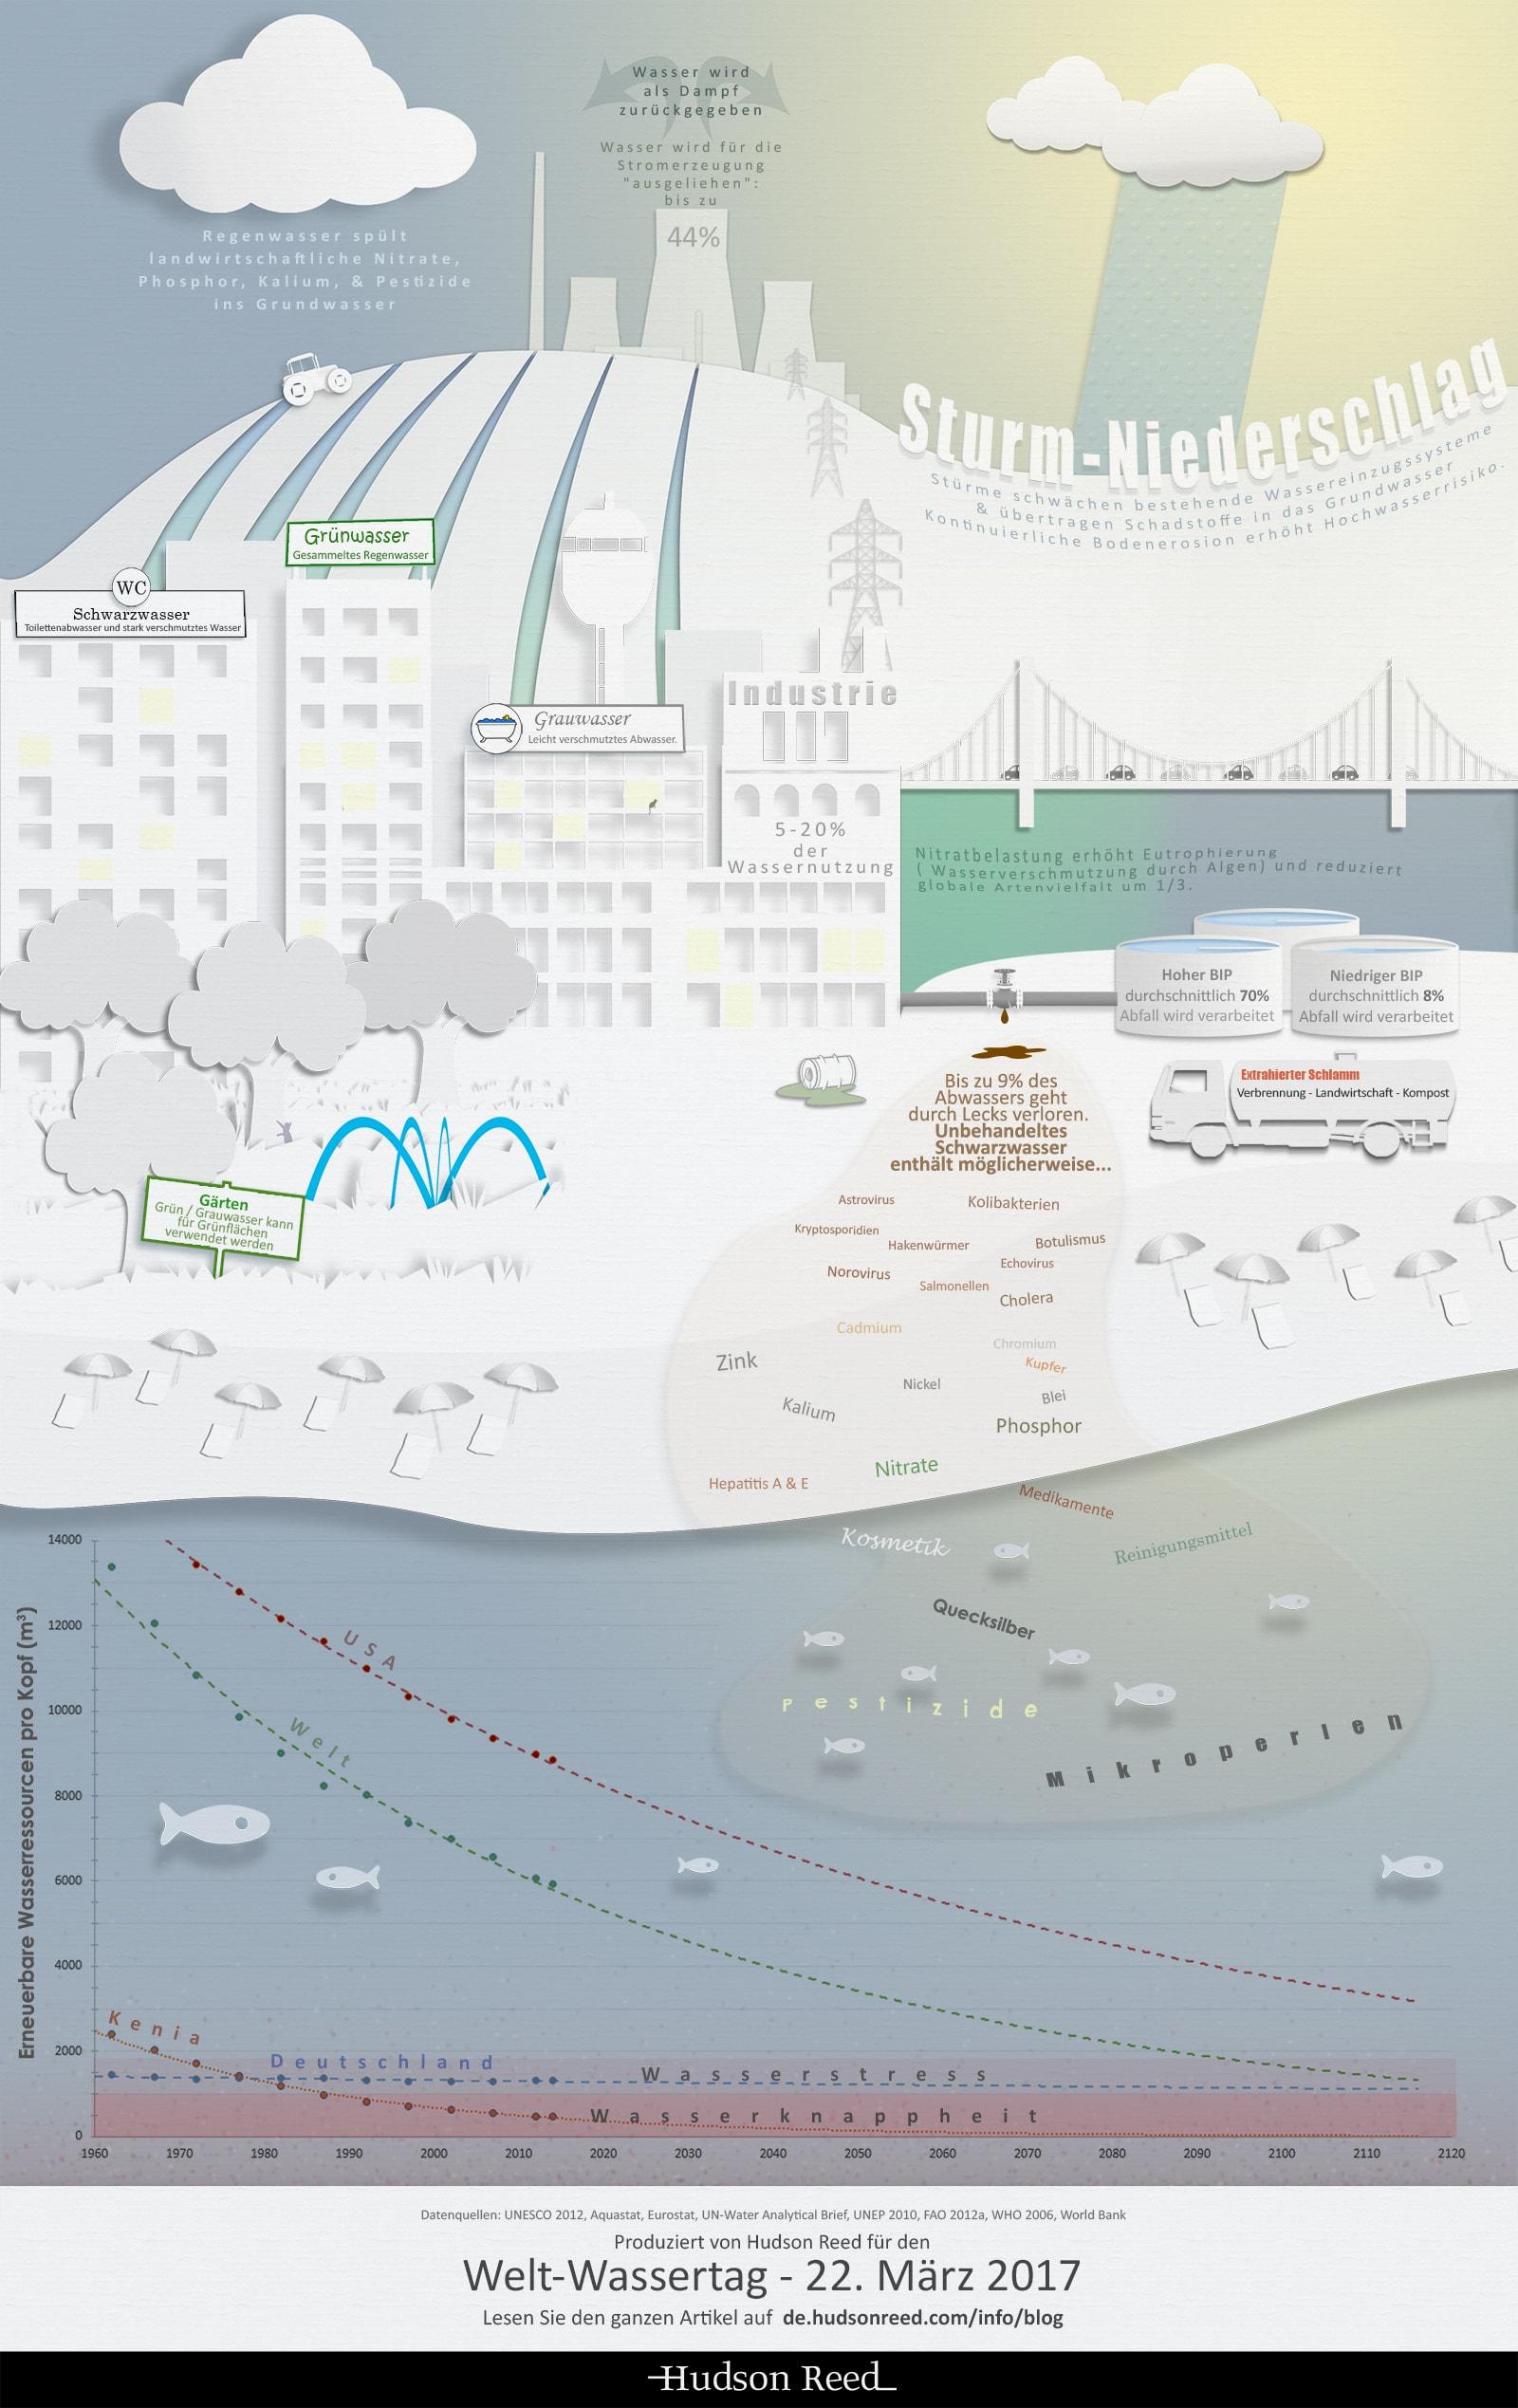 Abwasser Infografik weltwassertag 2017